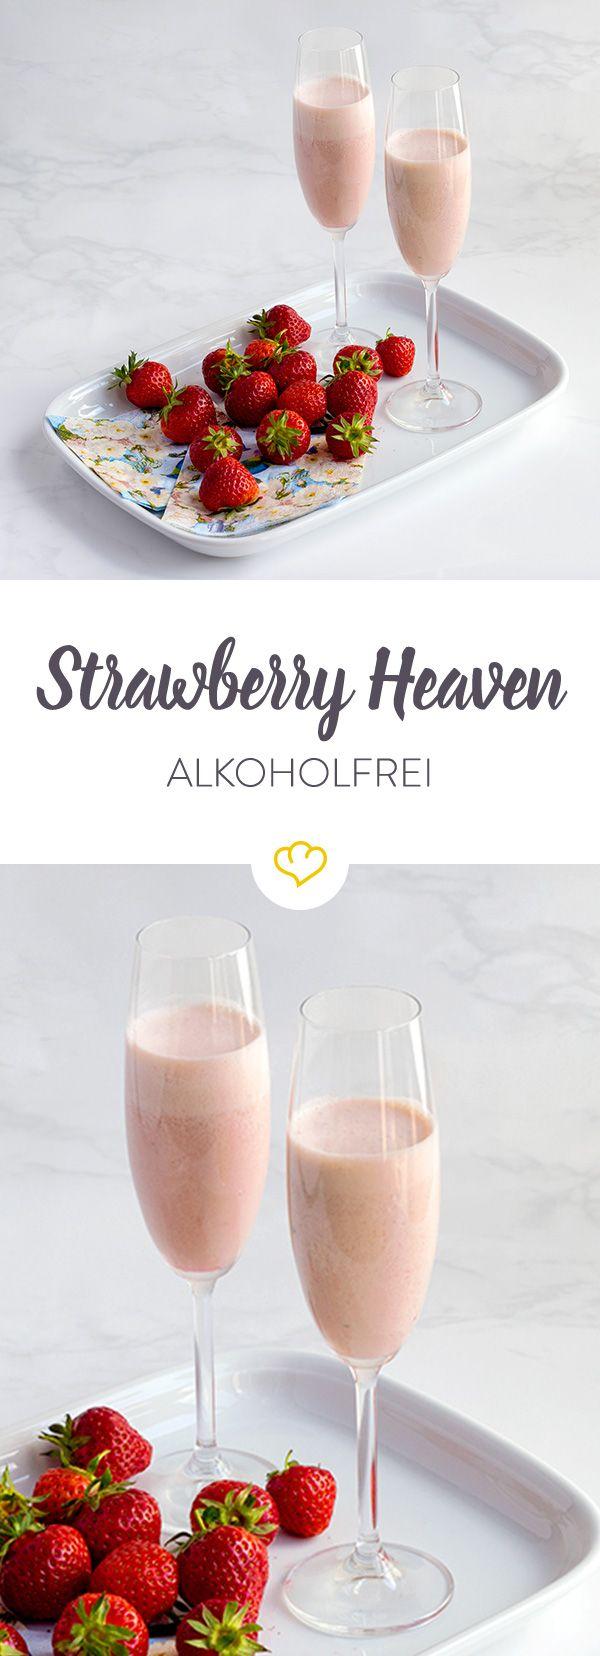 Das Rezept für den cremigen Strawberry Heaven mit Erdbeeren und Vanilleeis und viele weitere alkoholfreie Cocktail Rezepte finden Sie im Springlane Magazin.